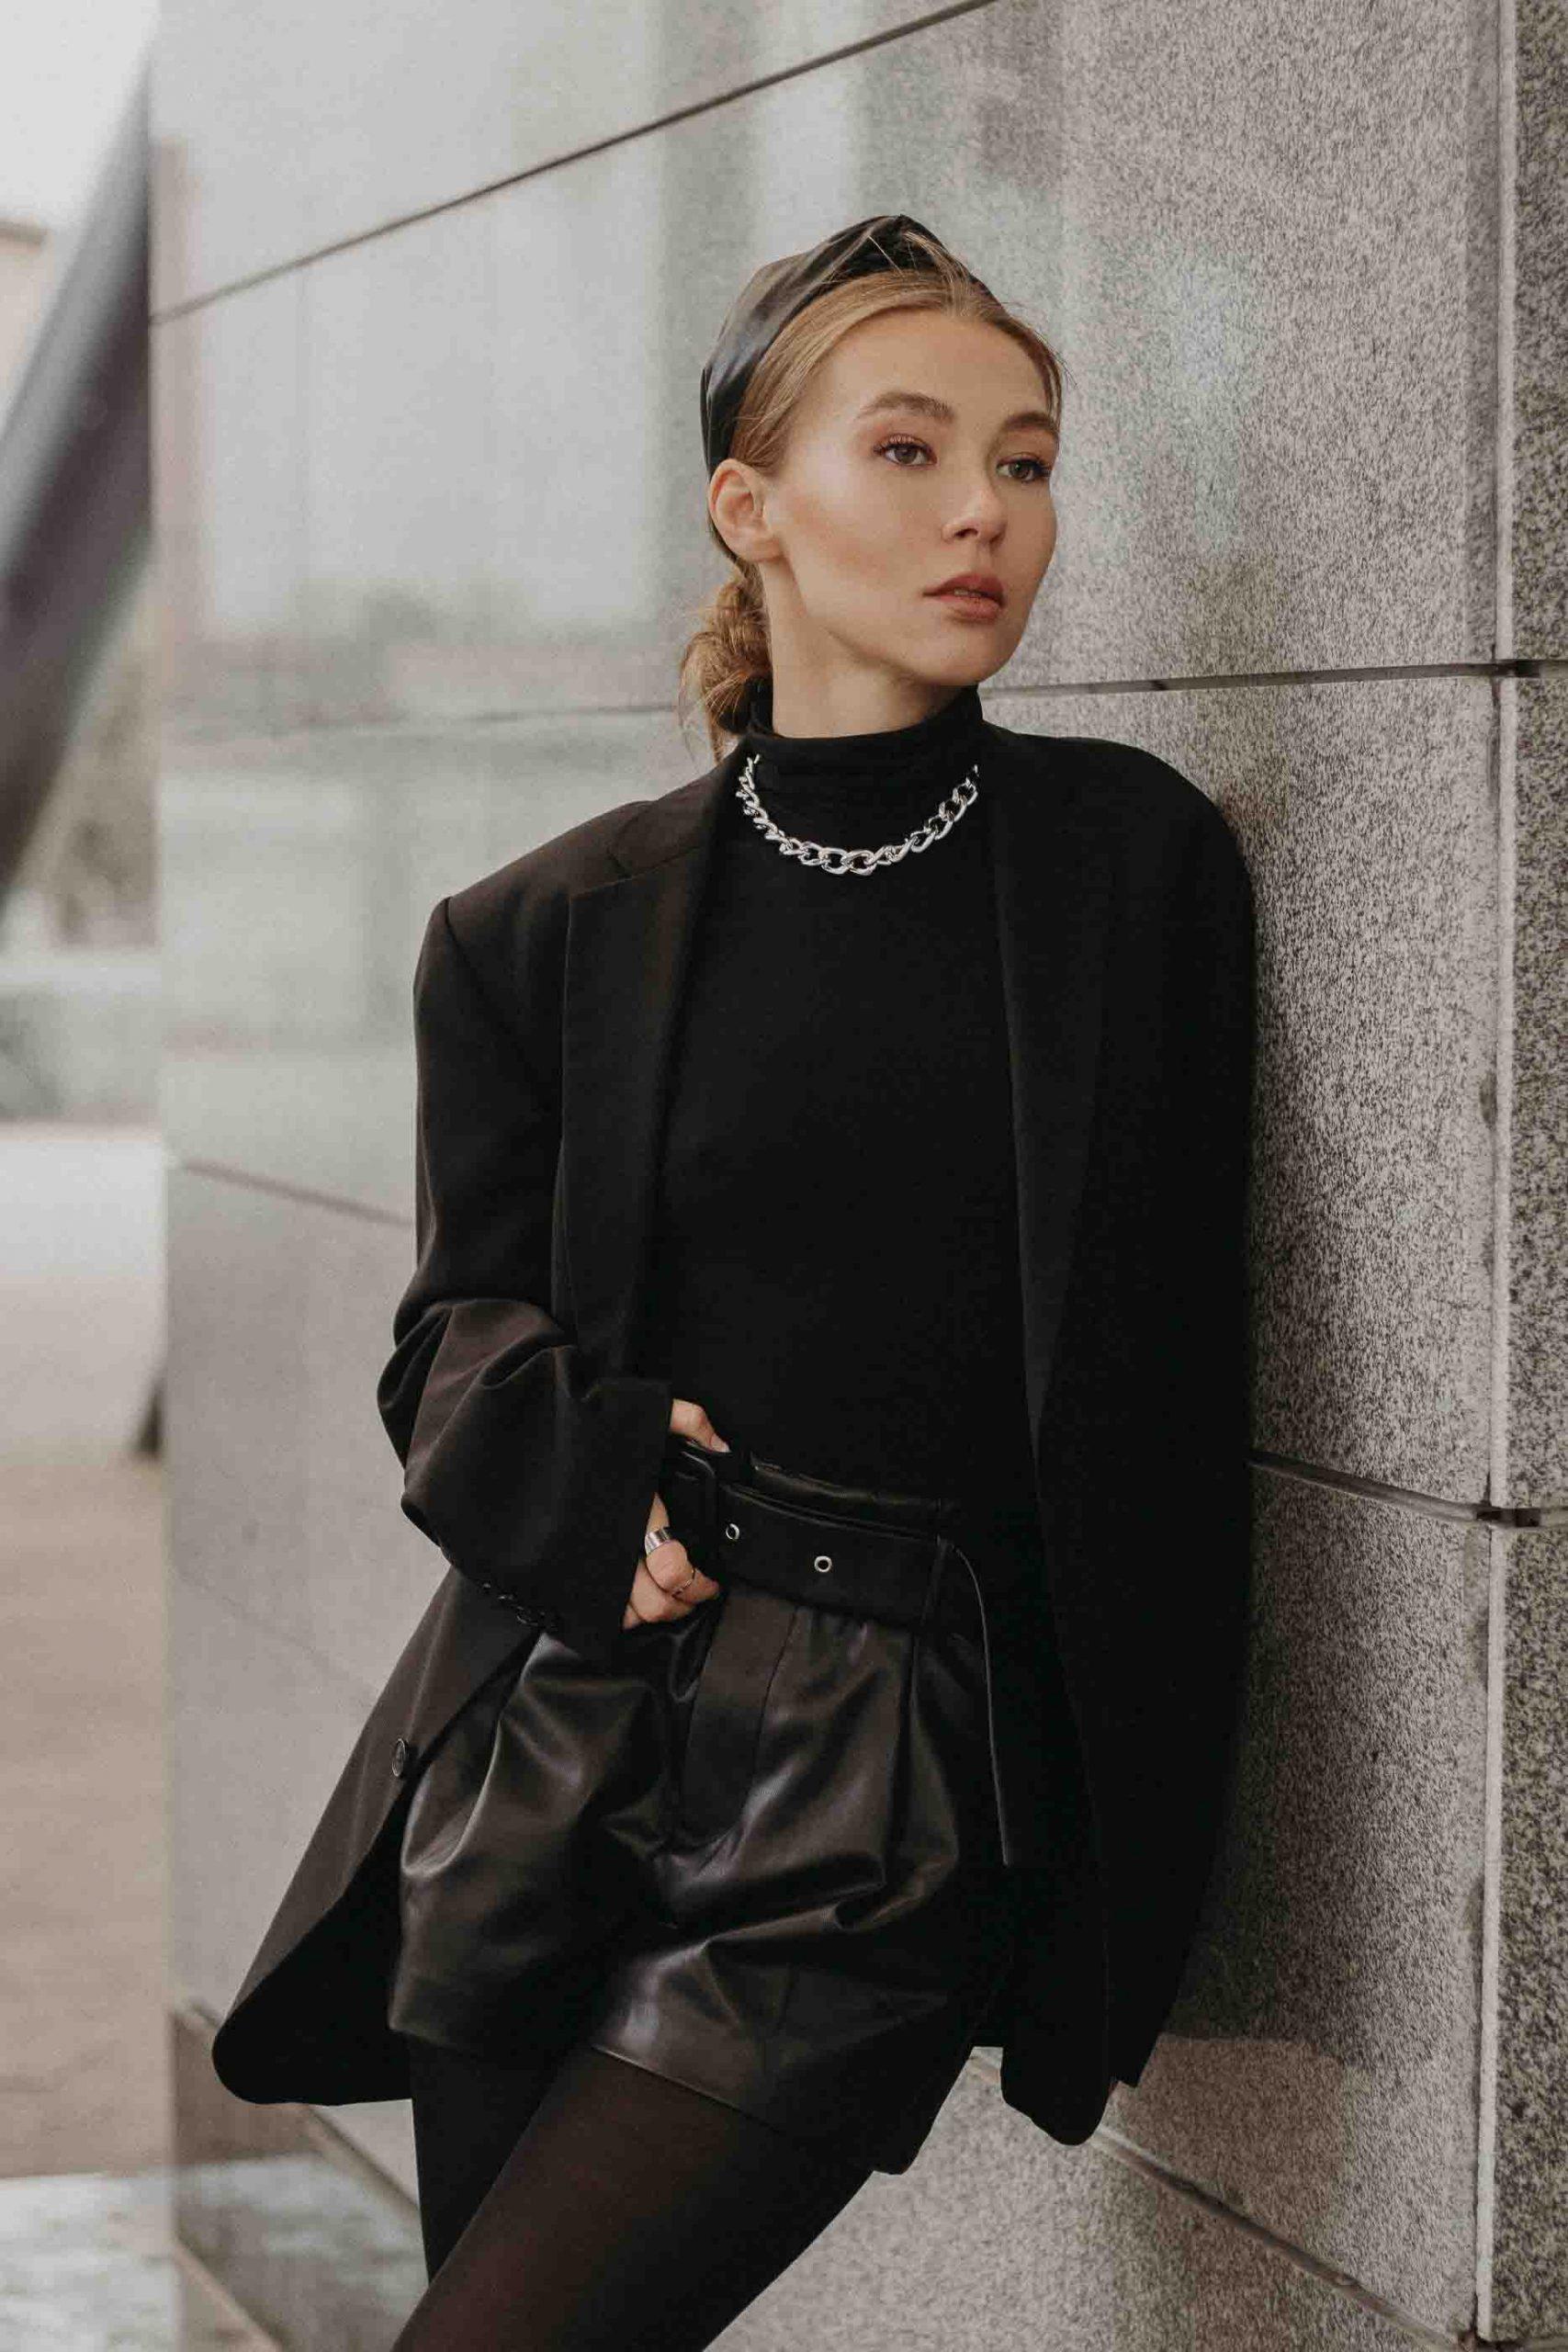 cô gái cung hoàng đạo mặc đồ đen